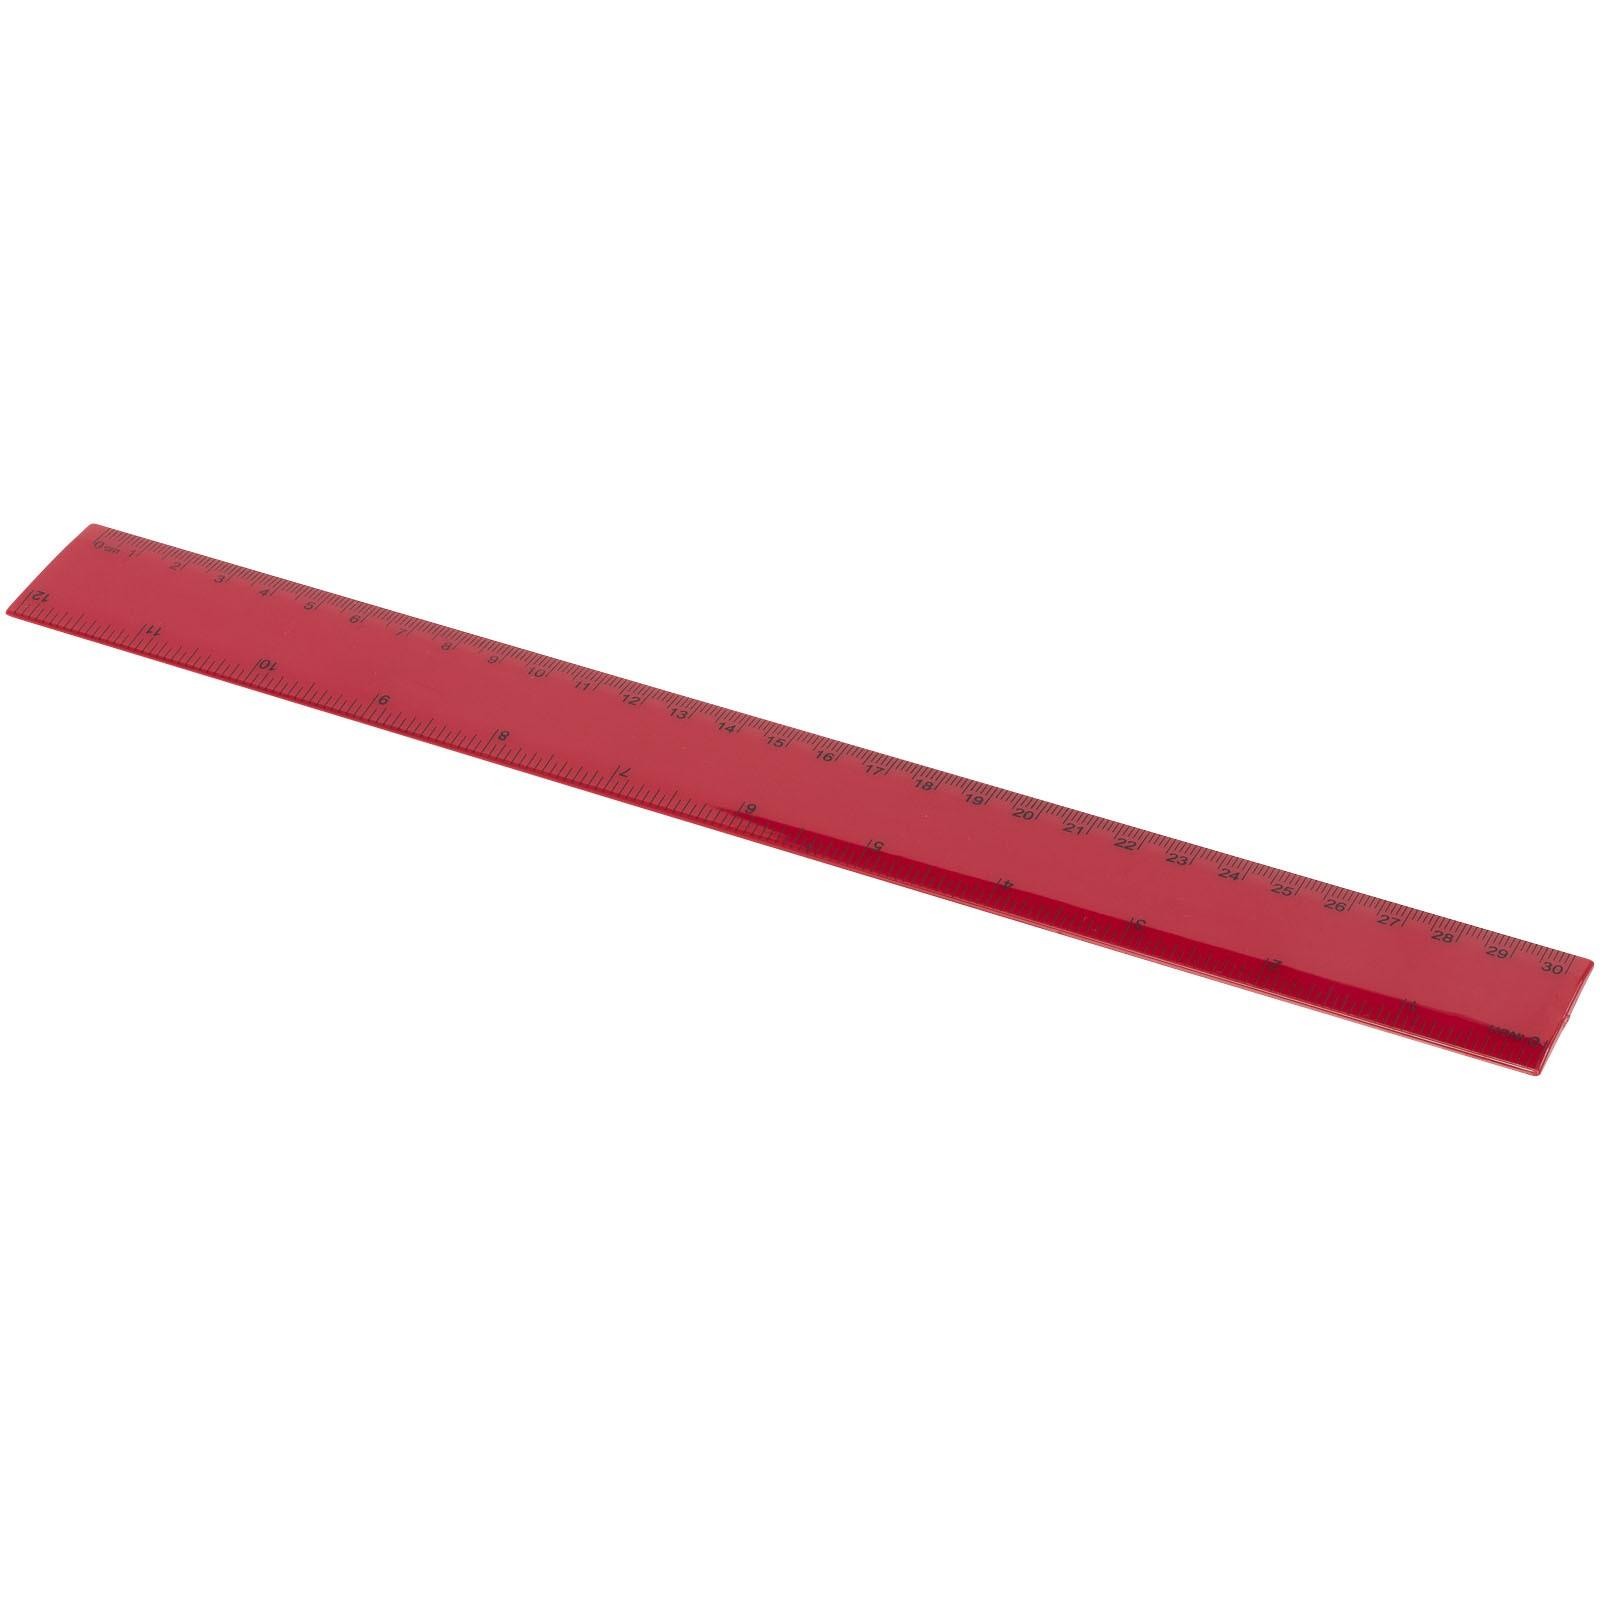 Pravítko Ruly 30 cm - Červená s efektem námrazy